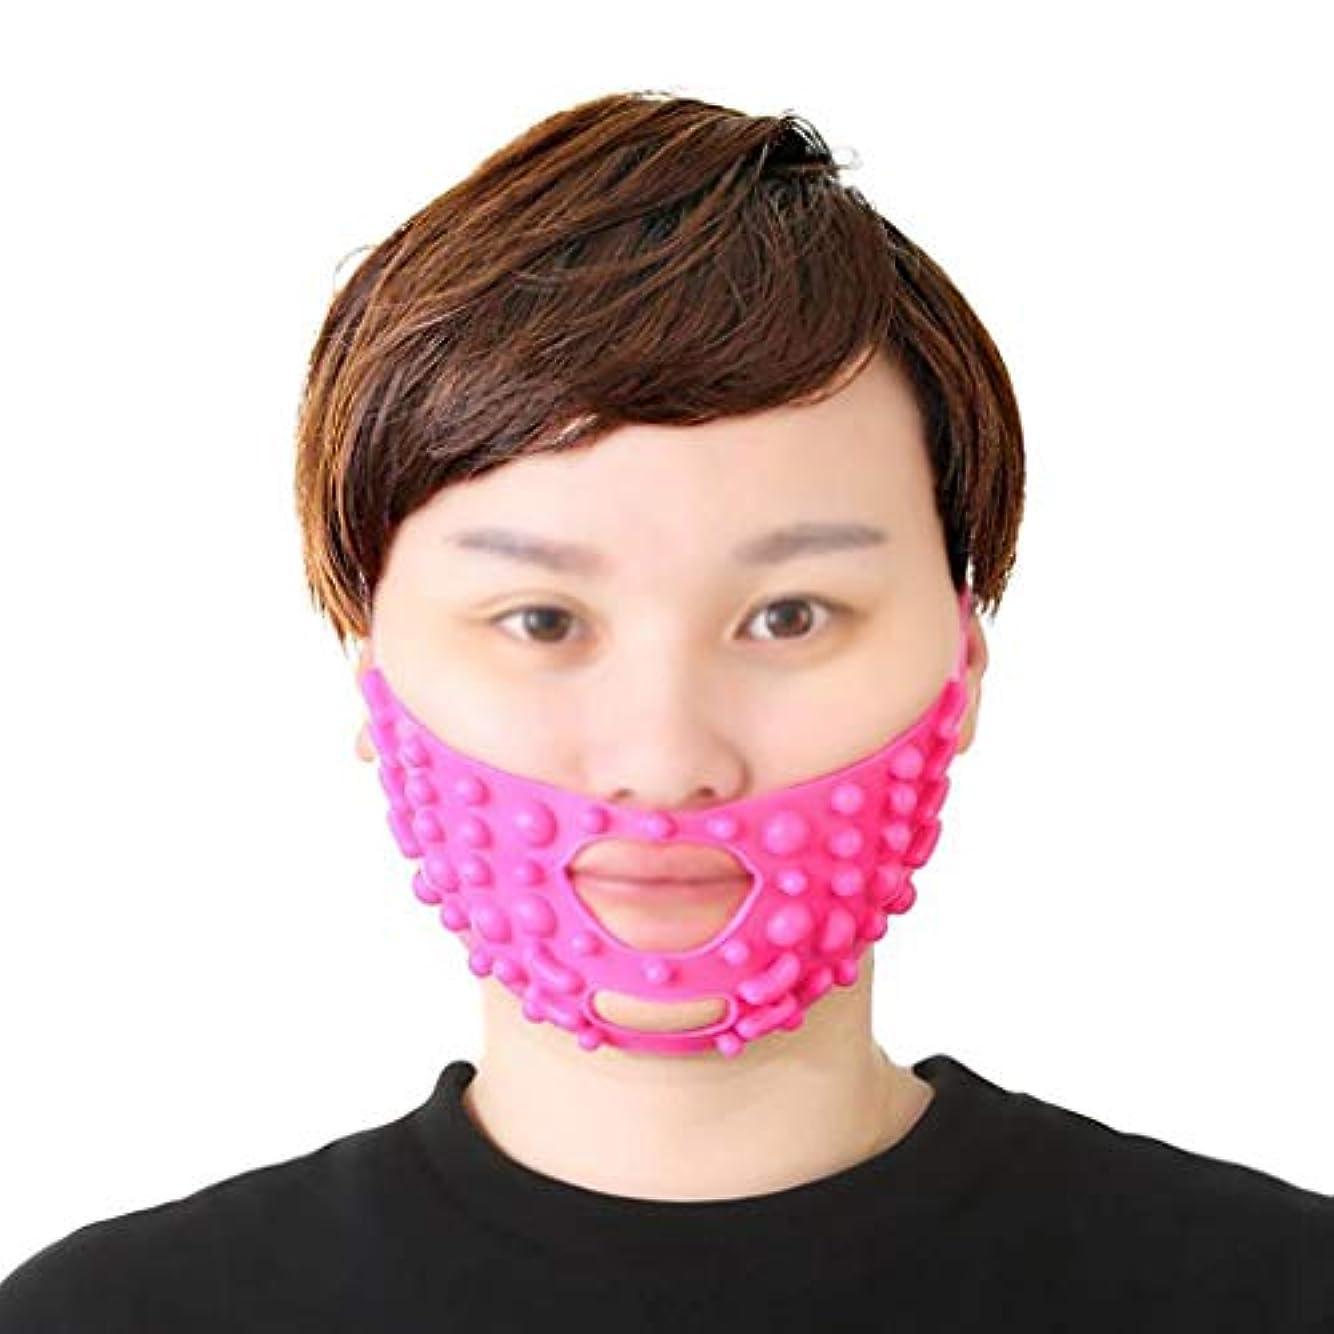 綺麗な苦情文句まどろみのあるGLJJQMY 顔の持ち上がるマスクのあごのリボンのシリコーンVのマスクのマスク強力な包帯Vの表面の人工物小さいVの顔の包帯顔および首の持ち上がるピンクのシリコーンの包帯 顔用整形マスク